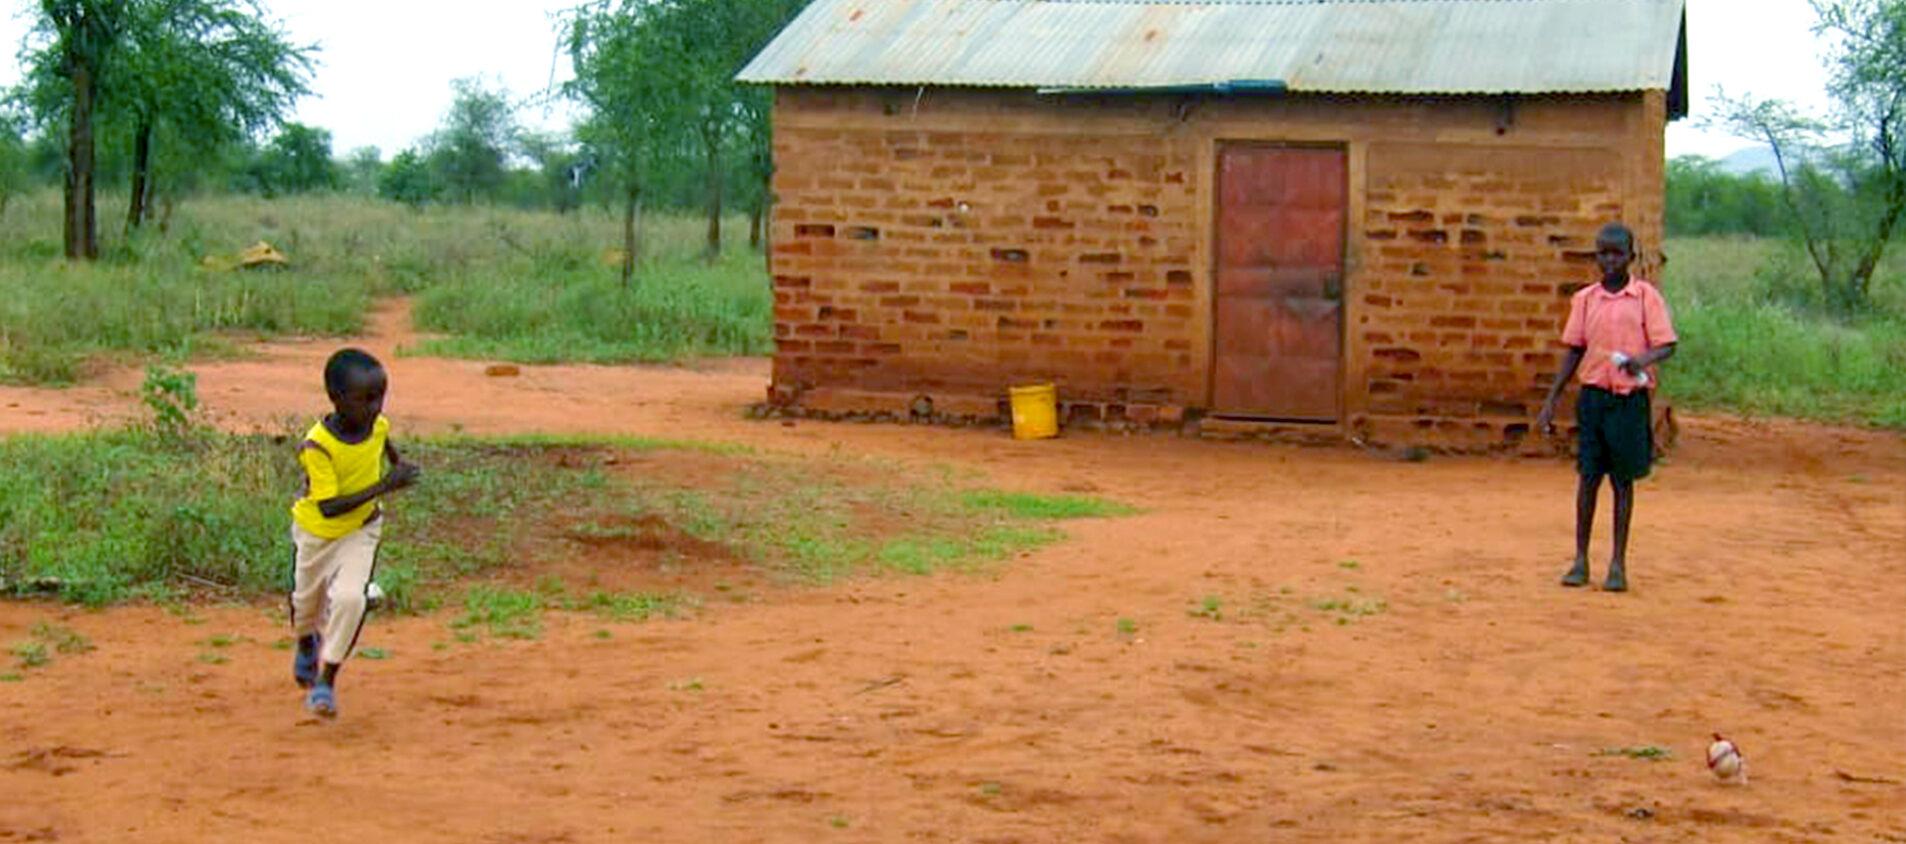 Mpapayio har kompisar han spelar fotboll med.